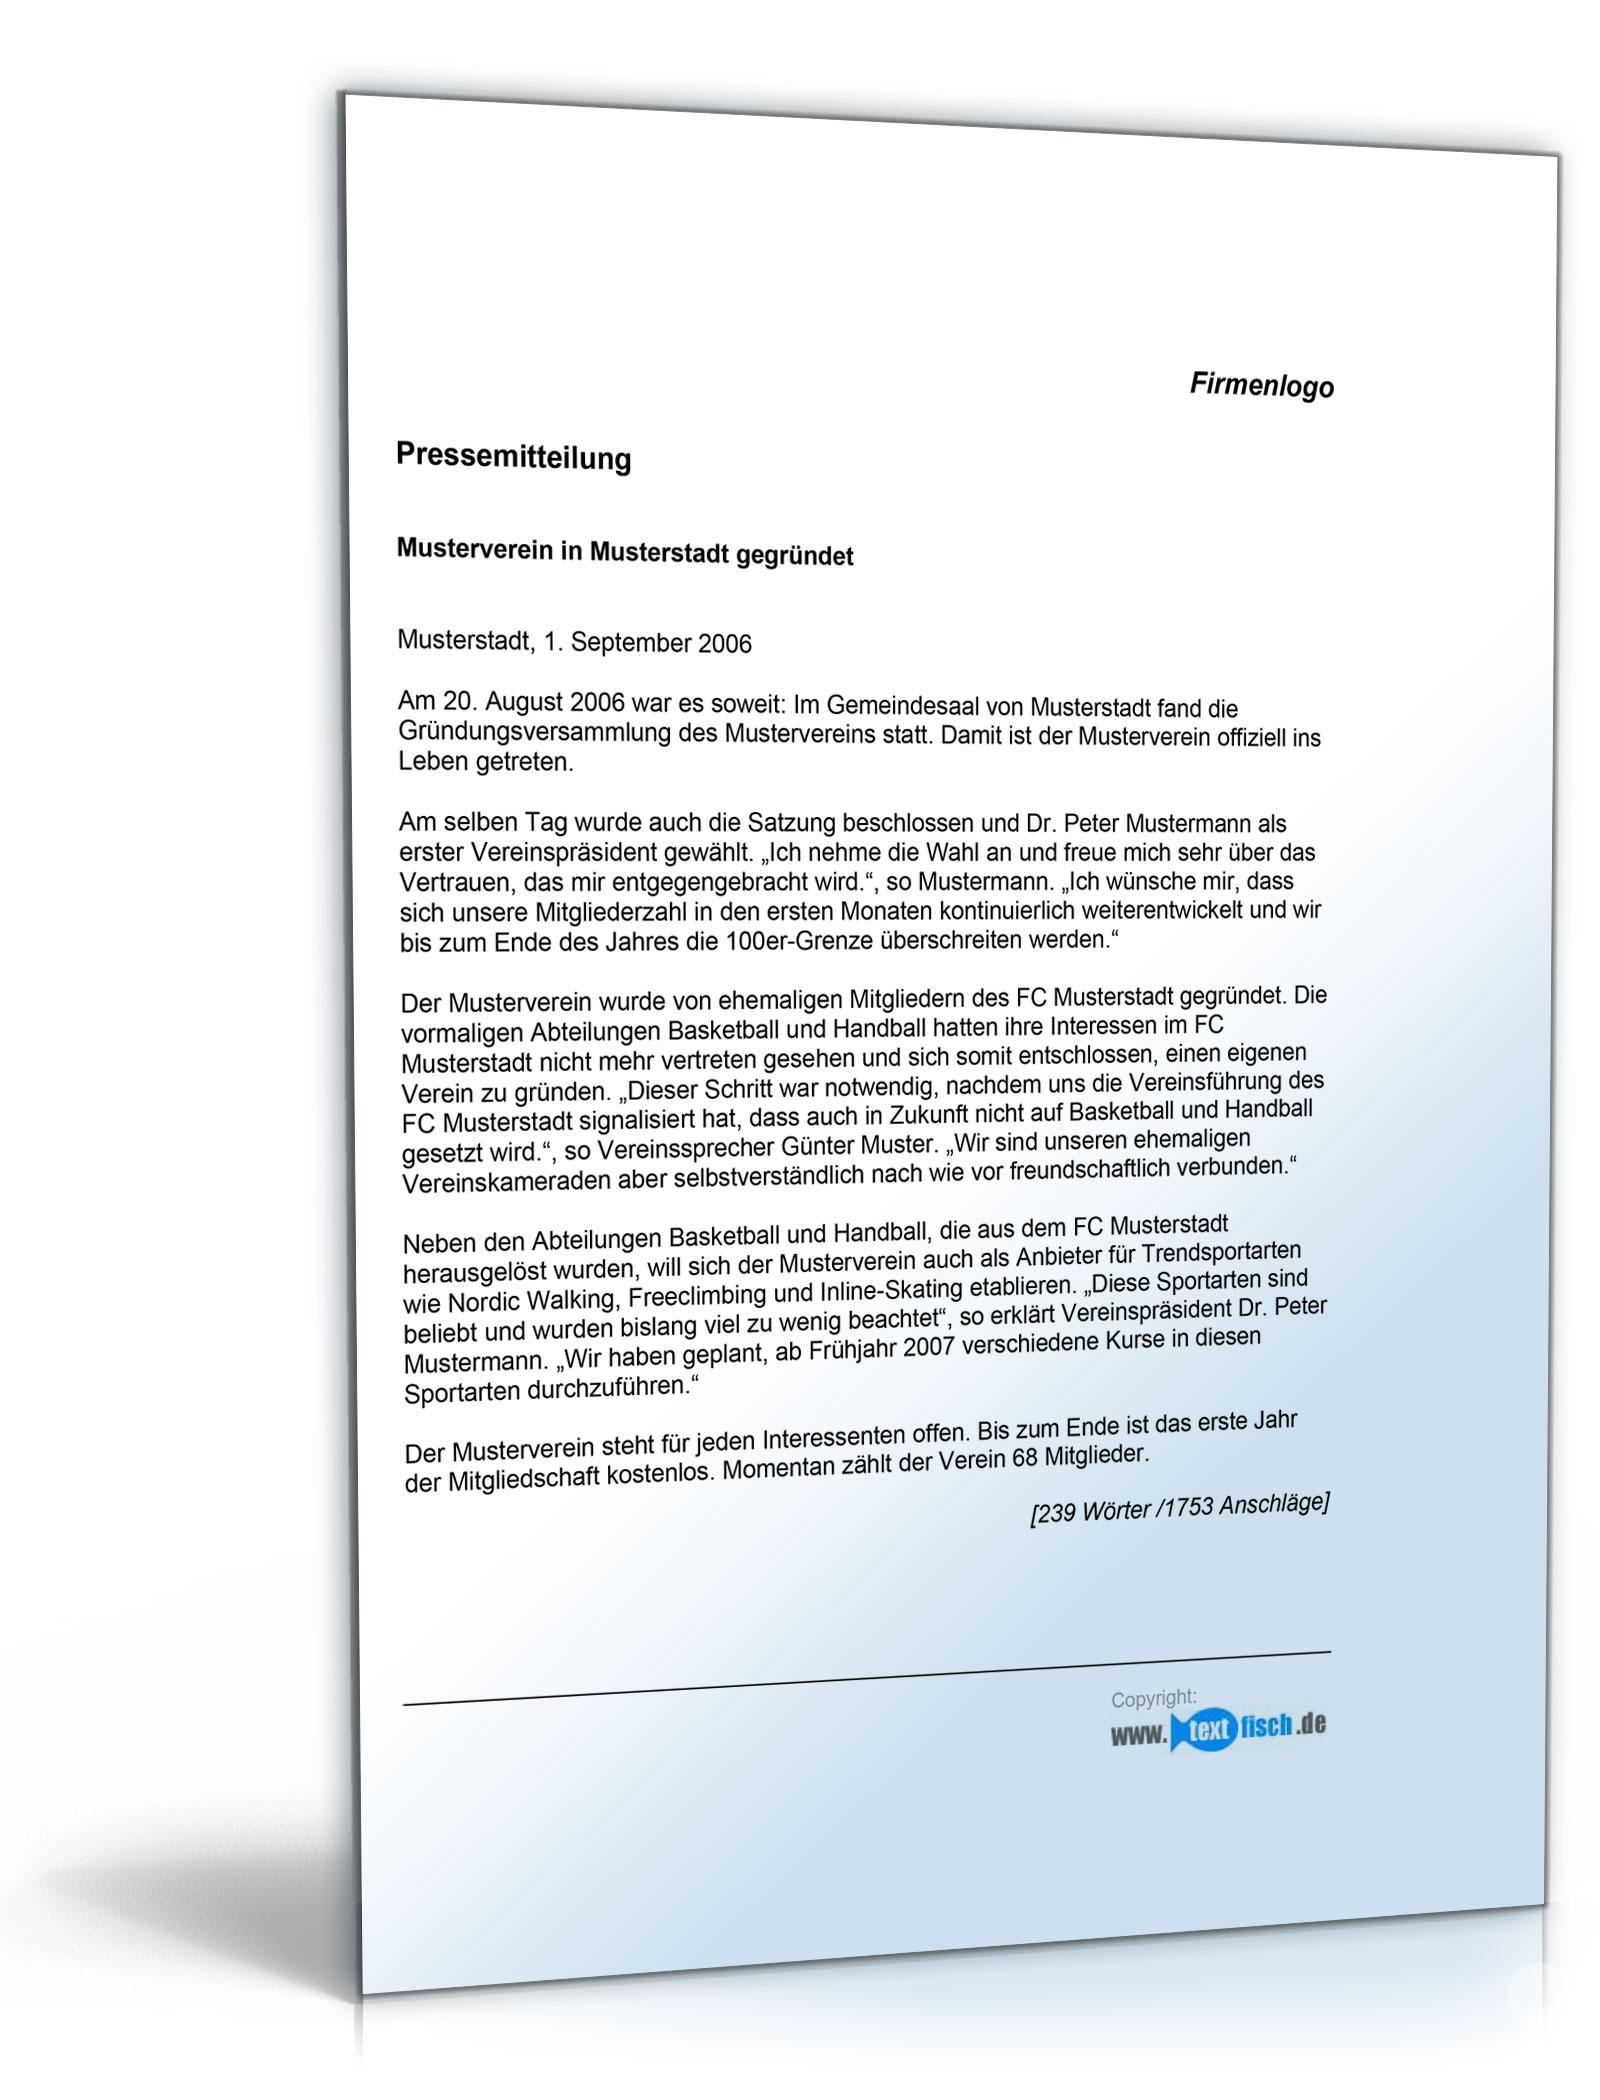 Pressemitteilung Bekanntgabe einer Vereinsgründung (Sportverein)  (Österreichisch) [PDF Download]